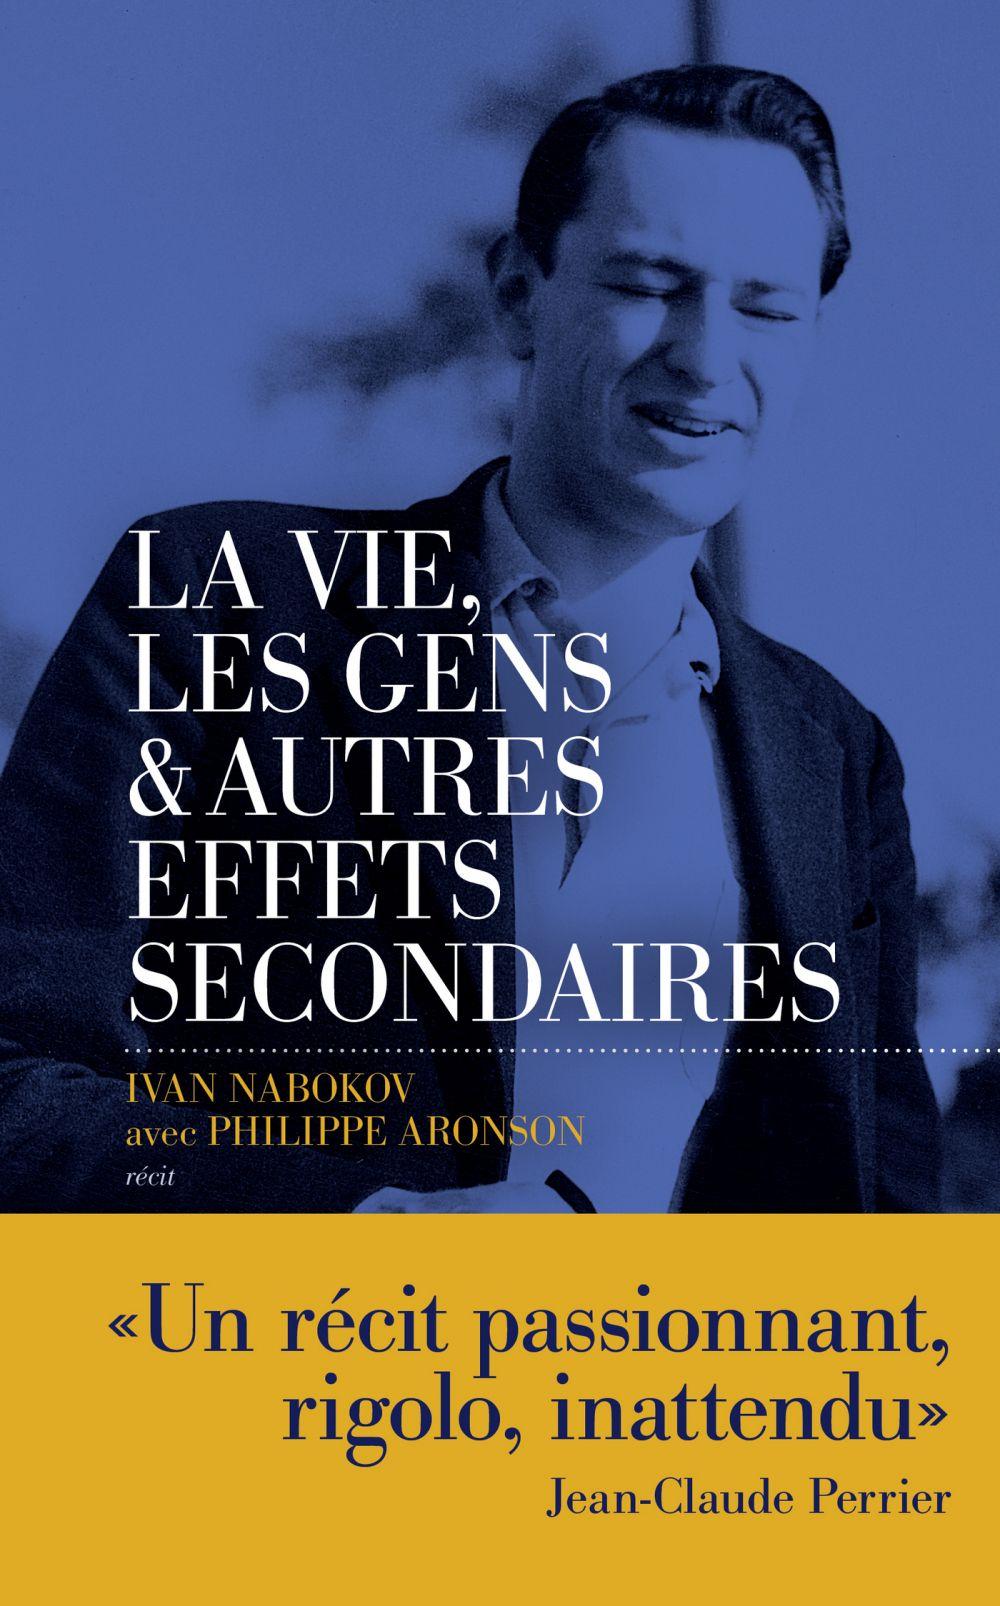 La vie, les gens et autres effets secondaires : Souvenirs d'un distrait | Nabokov, Ivan. Auteur